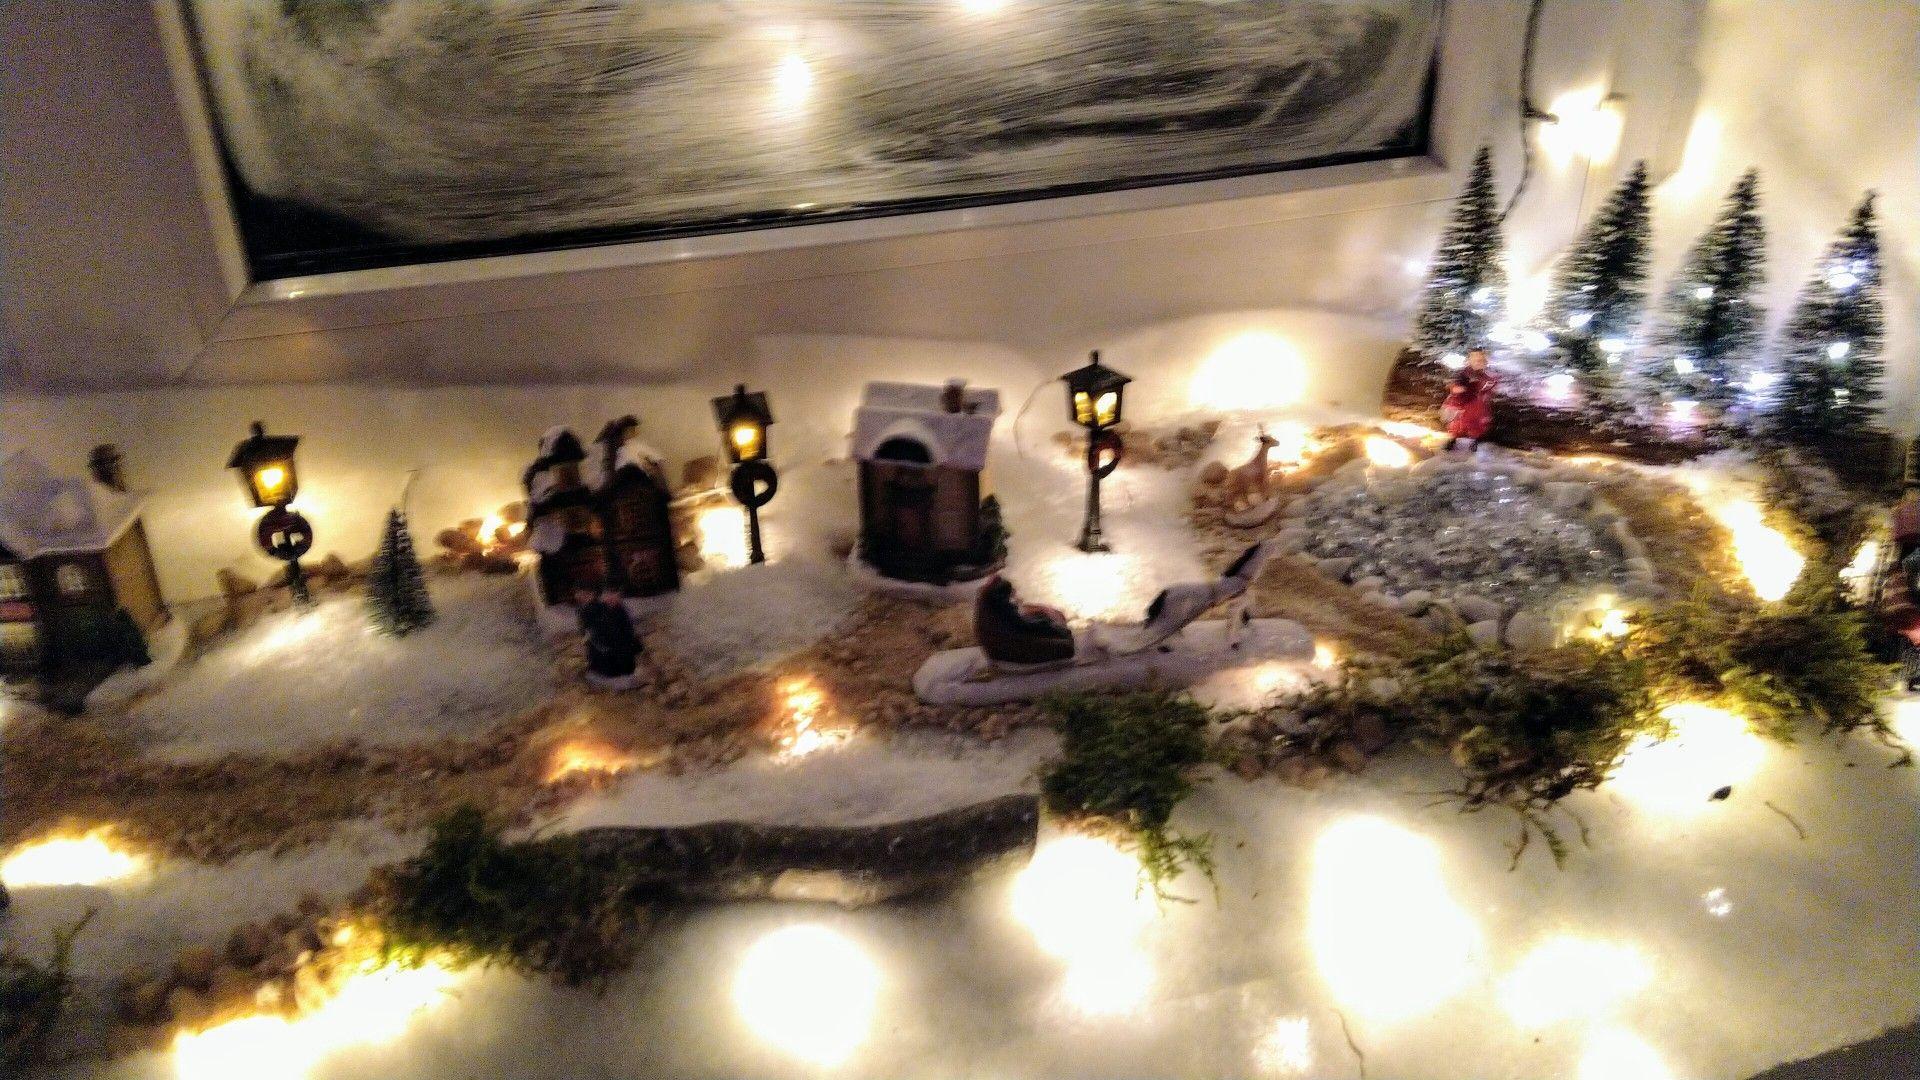 Pin Von Silke Nagorski Auf Einfach Und Suss Weihnachten Einfach Susses